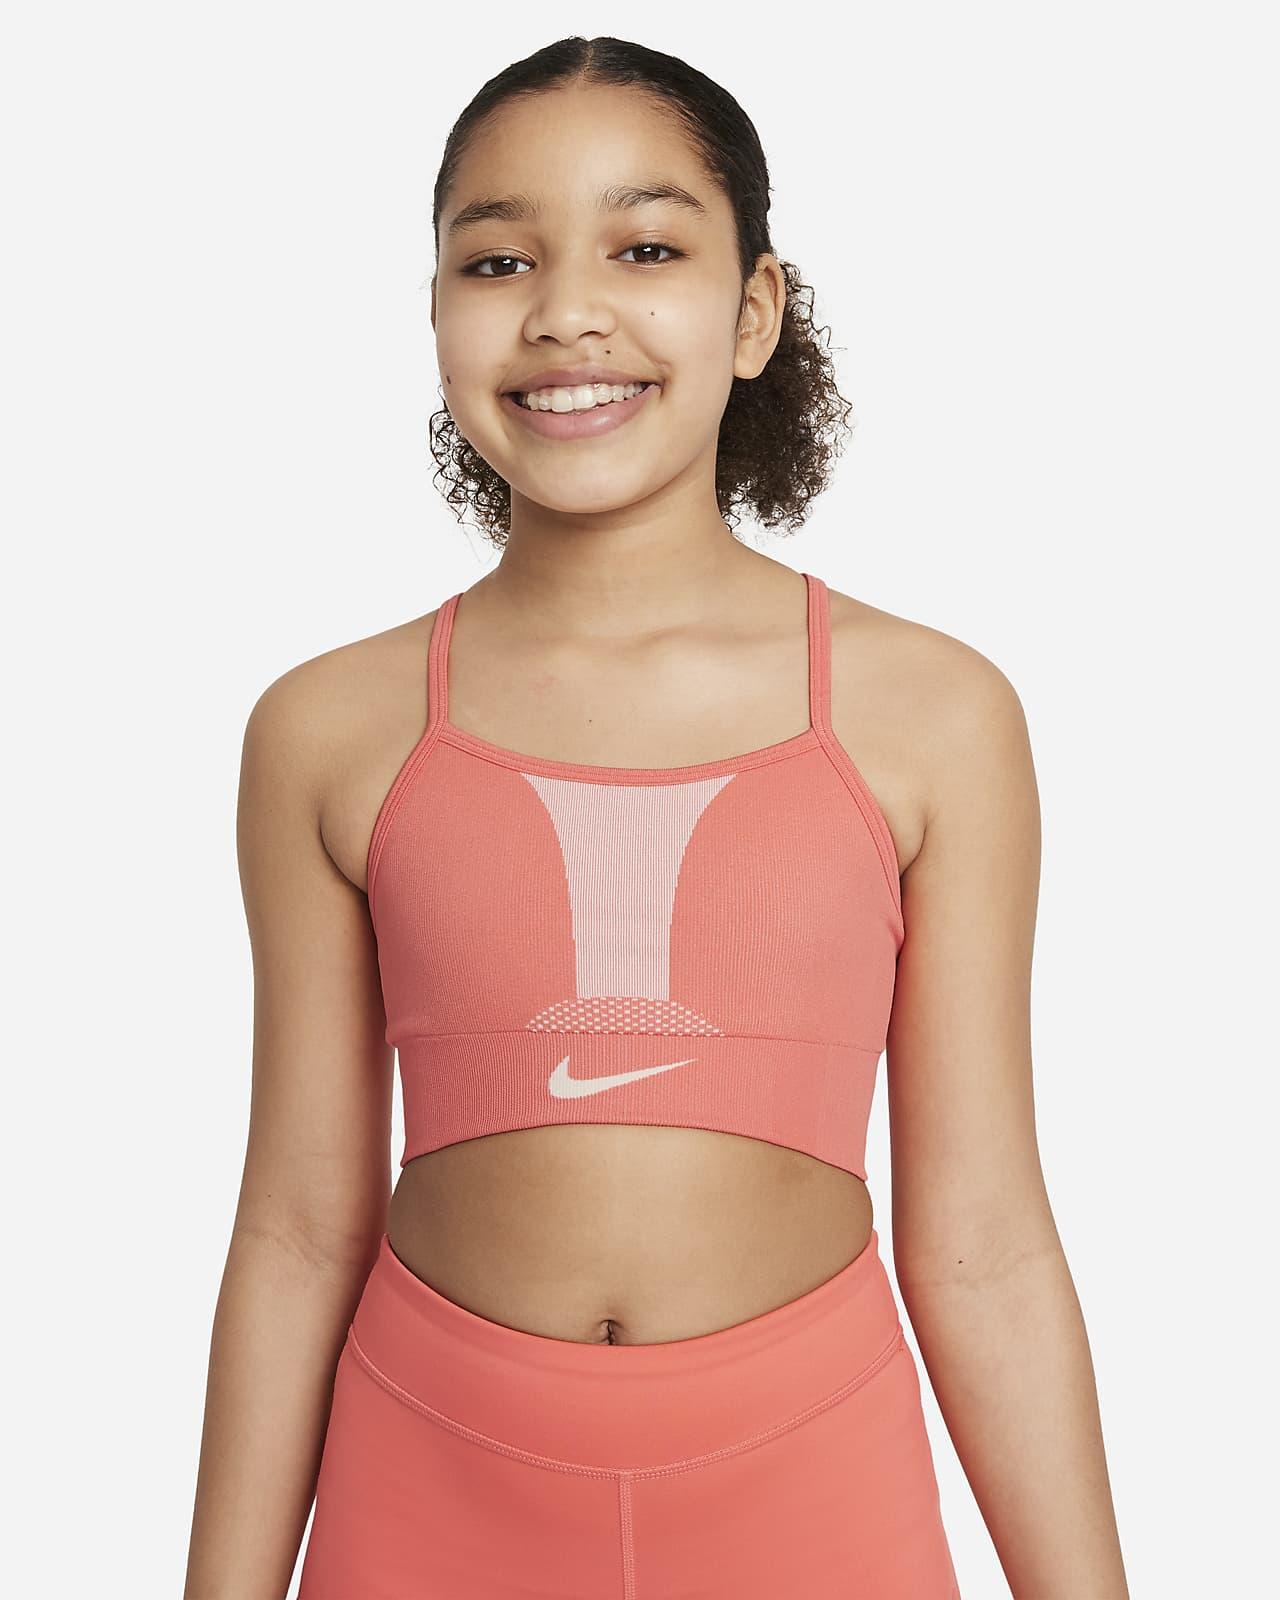 Αθλητικός στηθόδεσμος Nike Dri-FIT Indy για μεγάλα κορίτσια